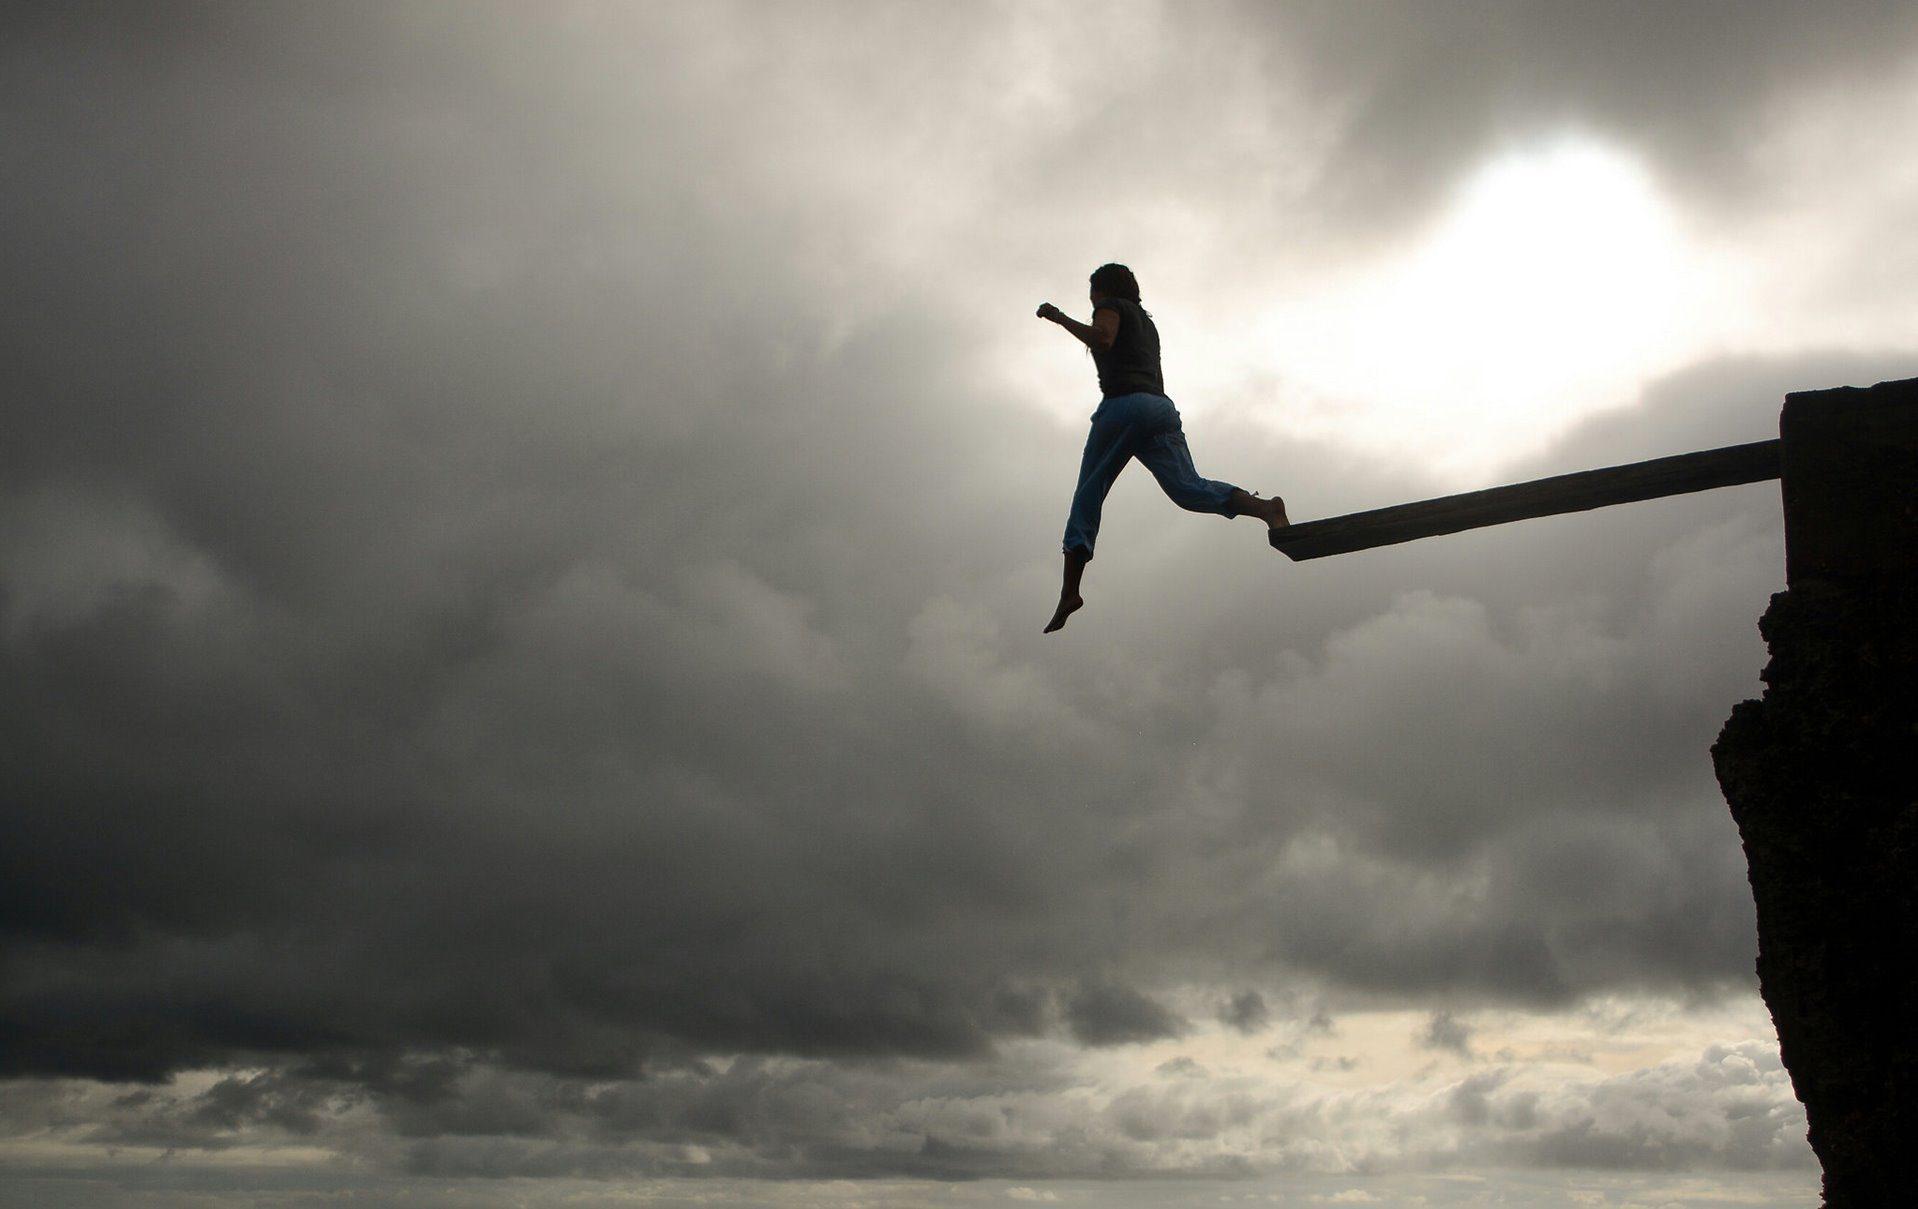 Cuando el miedo se apodera de nuestra vida.